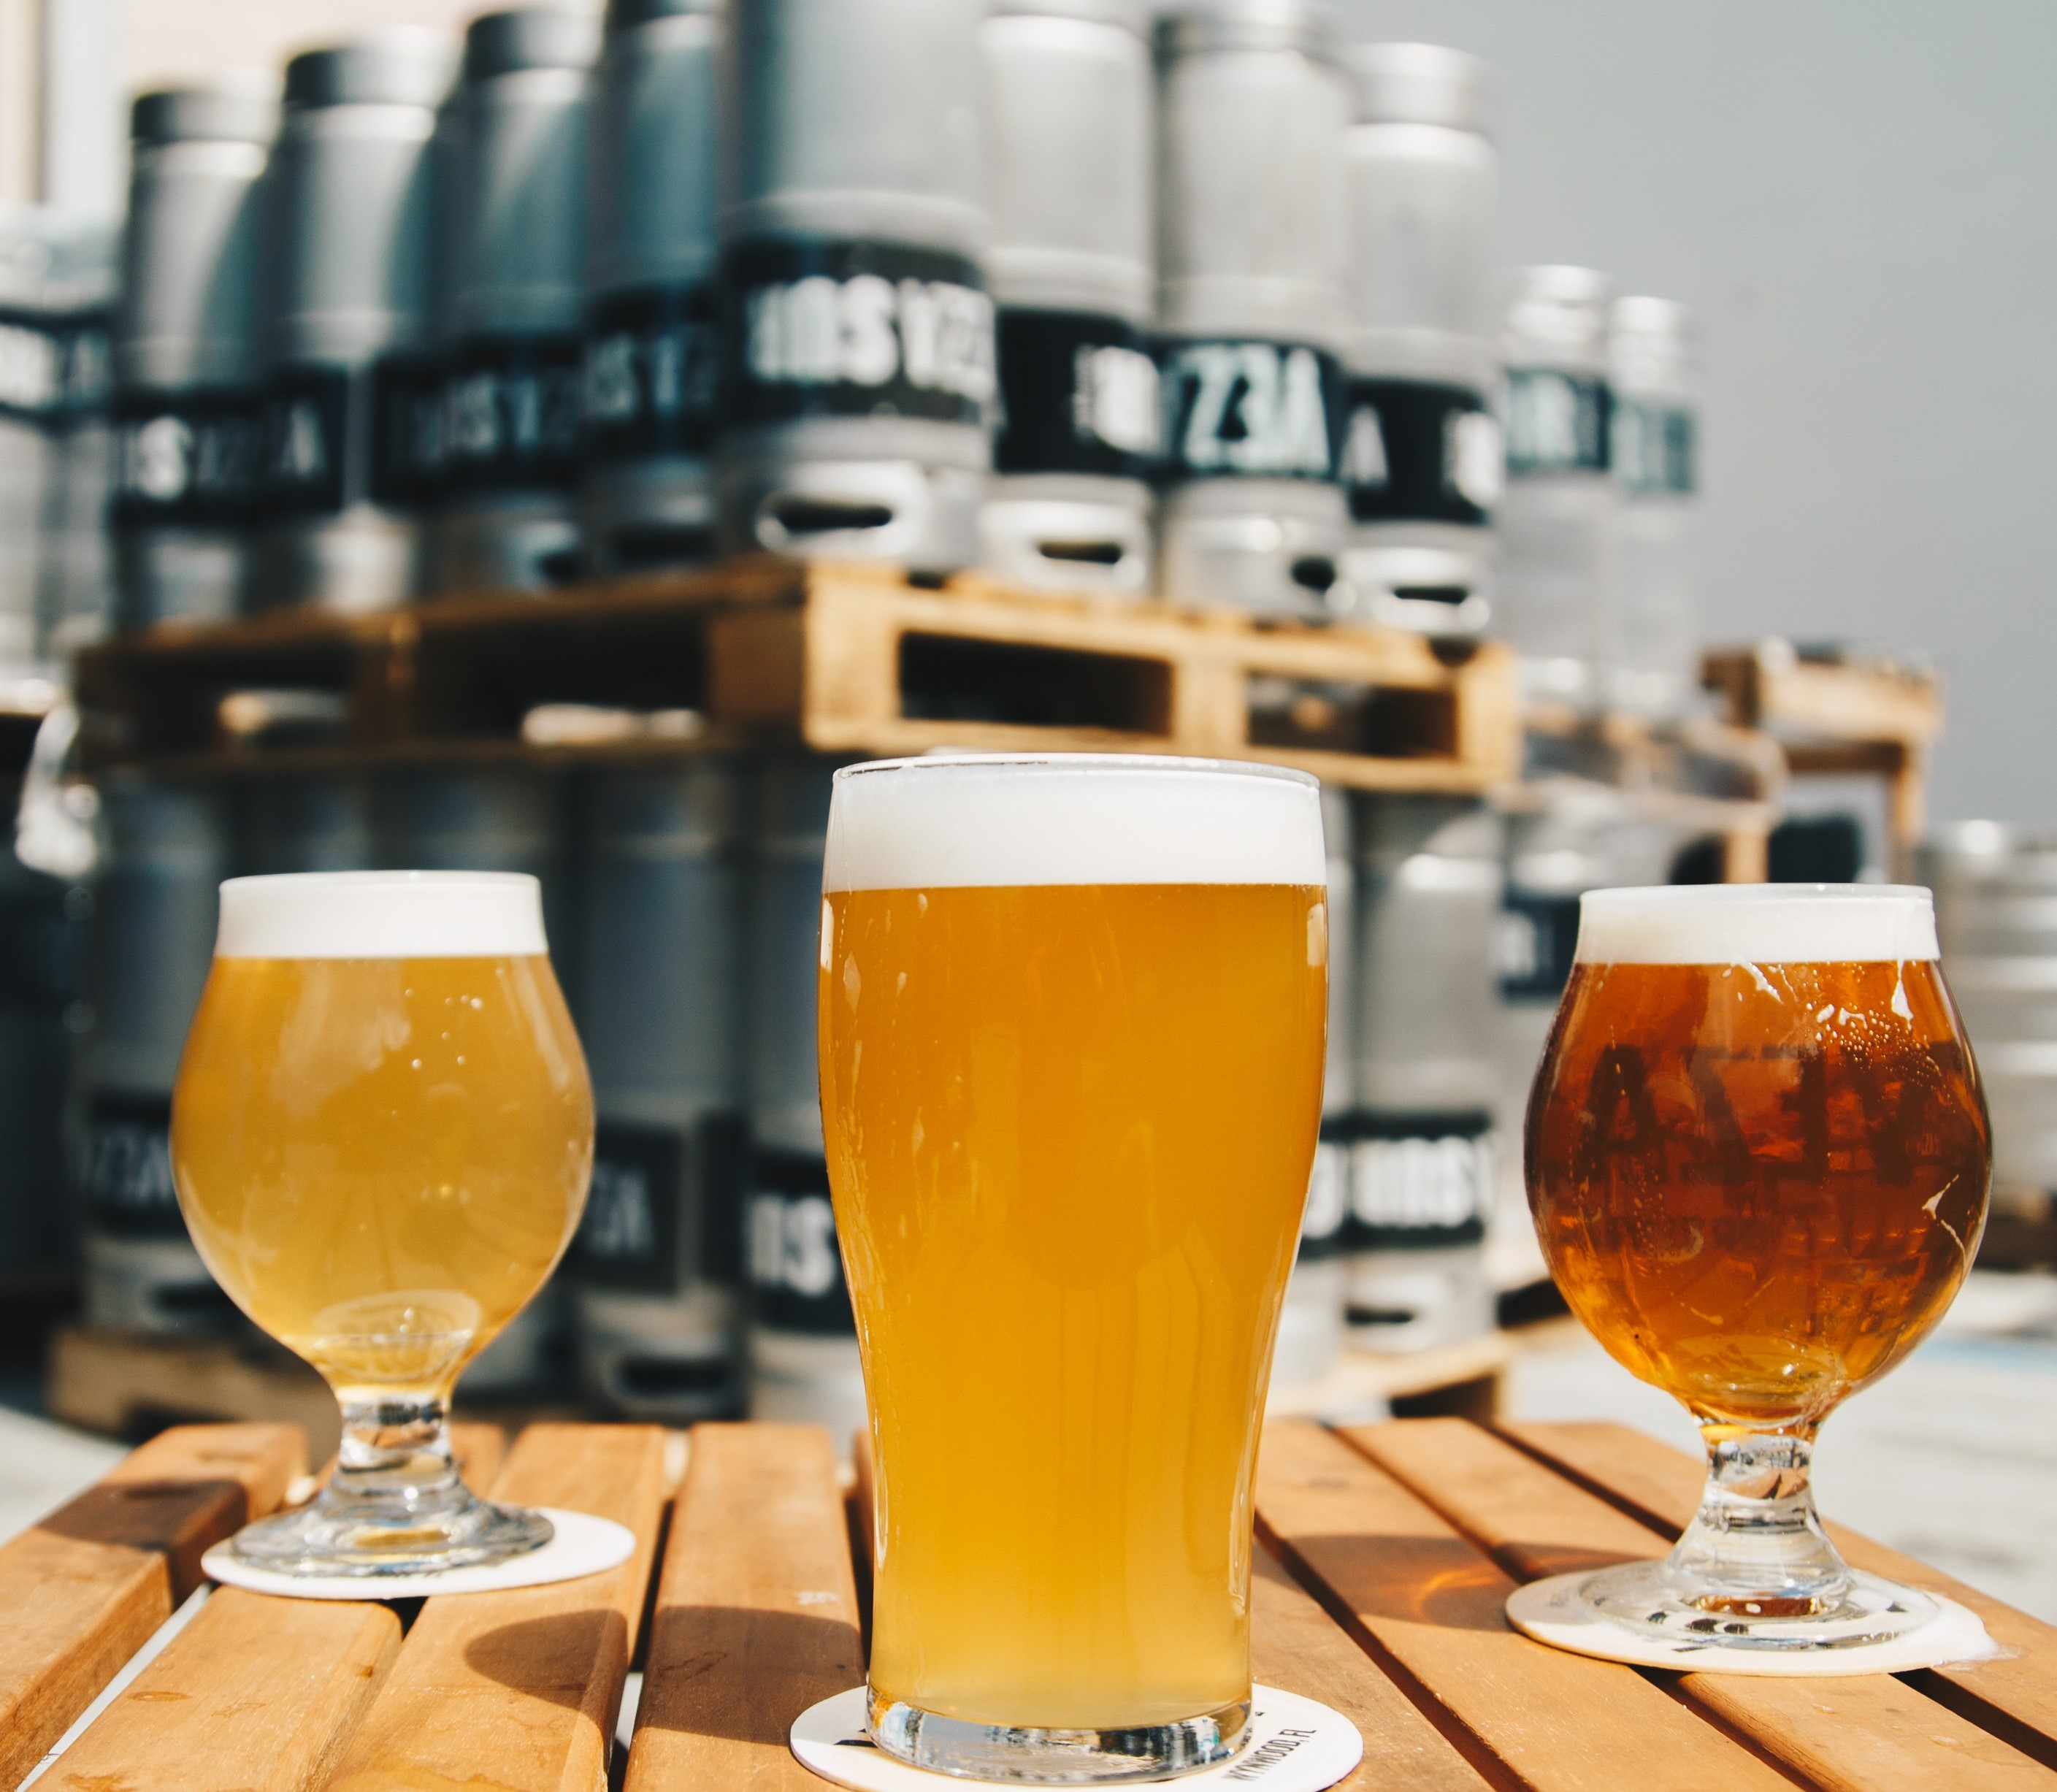 Cikkajánló a hétvégére: sörből biogáz, atomlobbista mítoszok és a sosonok